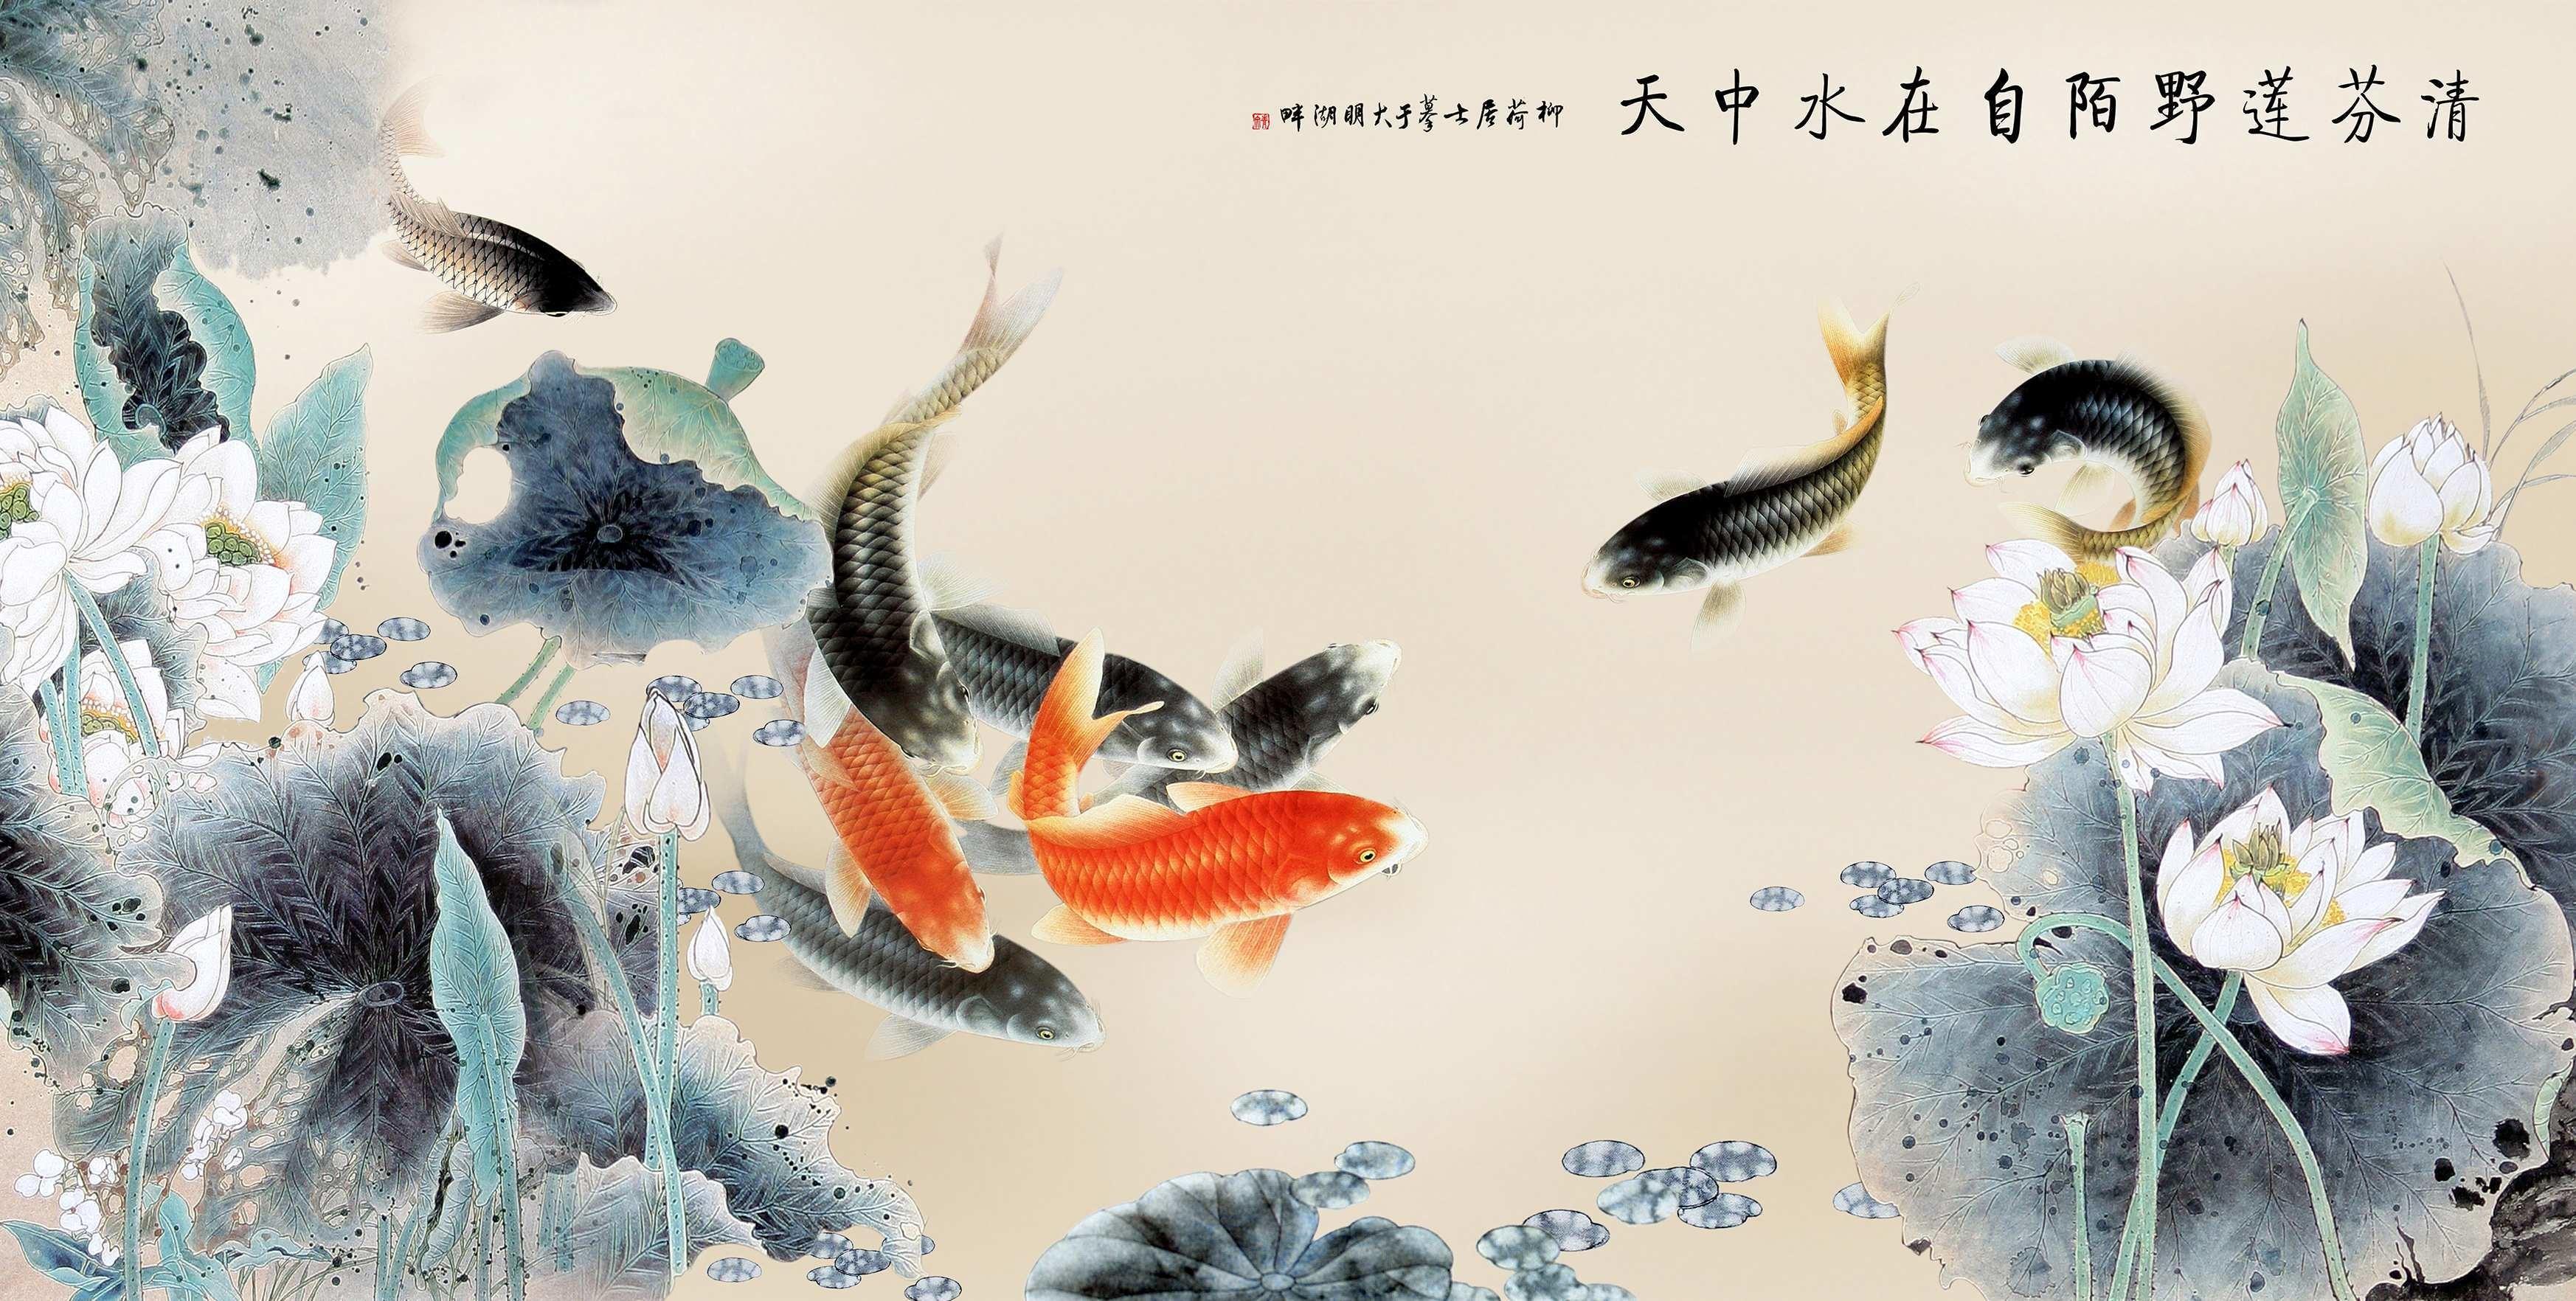 Wallpaper Koi Fish 70 Images